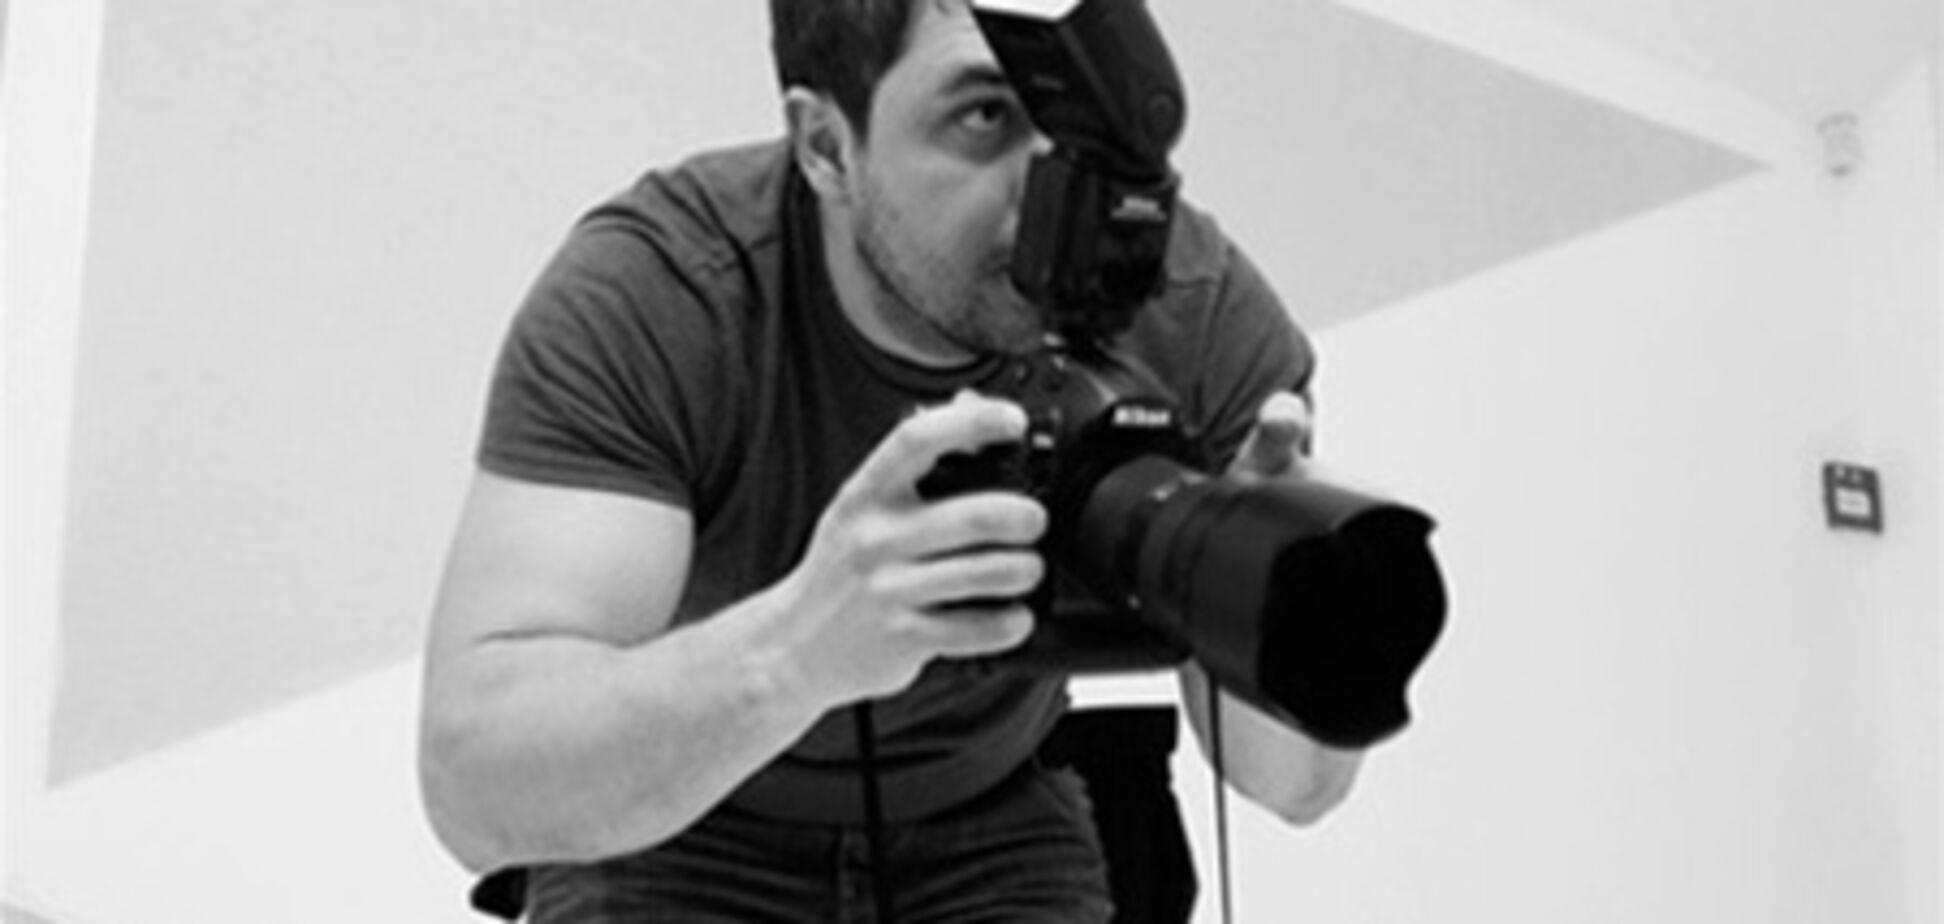 Убийство фотокора: показания подтверждают, что его убил друг